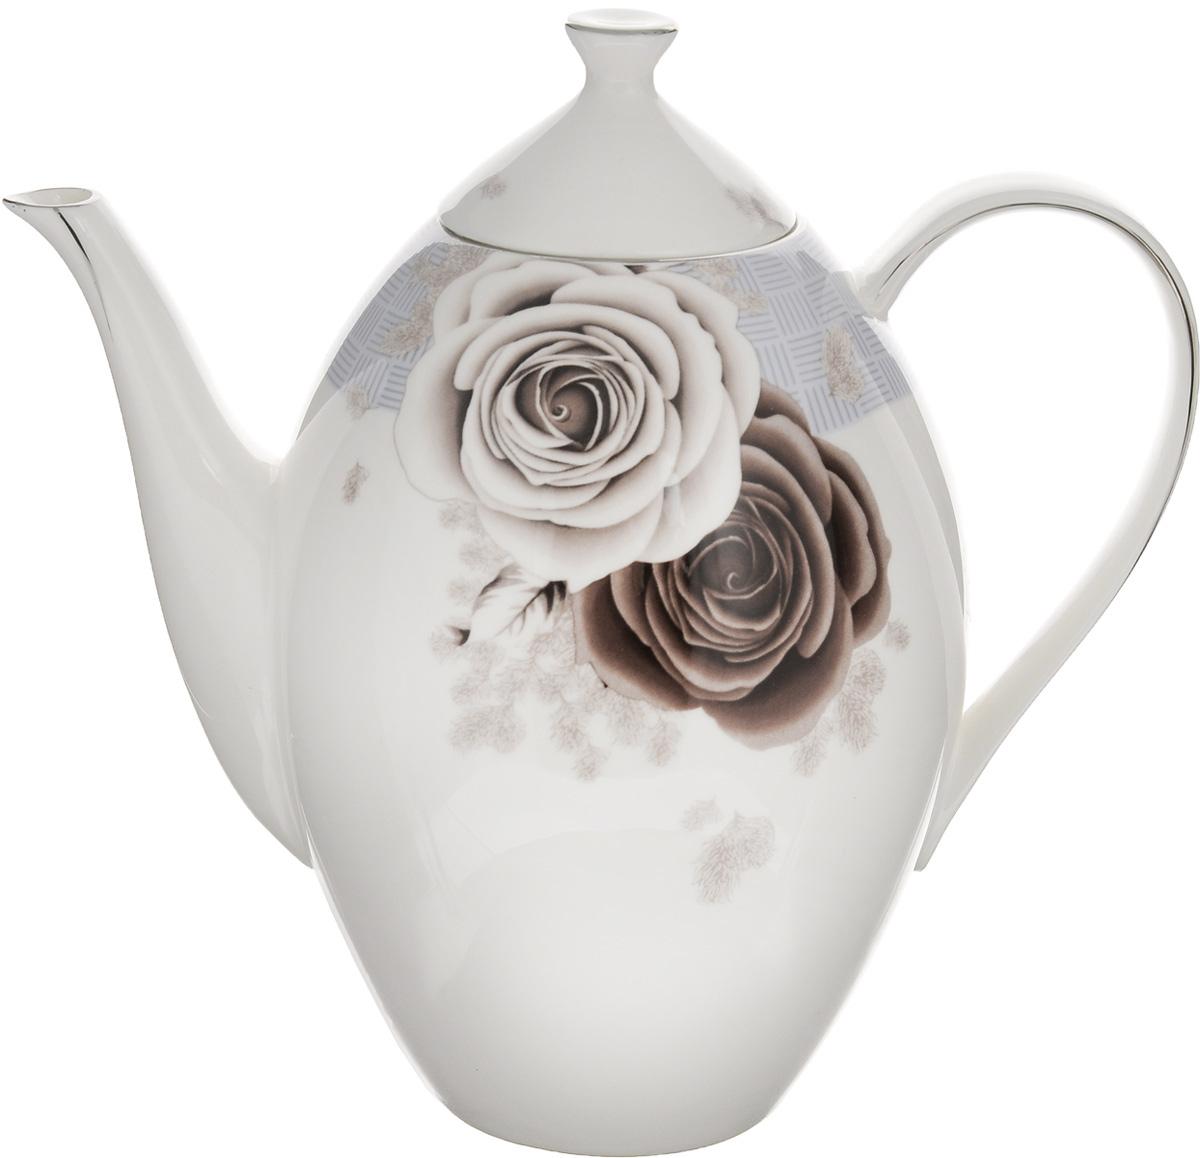 Чайник заварочный Family & Friends Дэниш, 1,3 л94672Заварочный чайник Family & Friends Дэниш изготовлен из фарфора, покрытого блестящей глазурью. Изделие декорировано серебристой эмалью и красивым изображением цветов. Такой заварочный чайник станет изысканным украшением стола к чаепитию и порадует вас и ваших гостей оригинальным дизайном и качеством исполнения. Чайник прекрасно подойдет в качестве подарка к любому случаю. Диаметр (по верхнему краю): 6,5 см. Высота (с крышкой): 21 см.